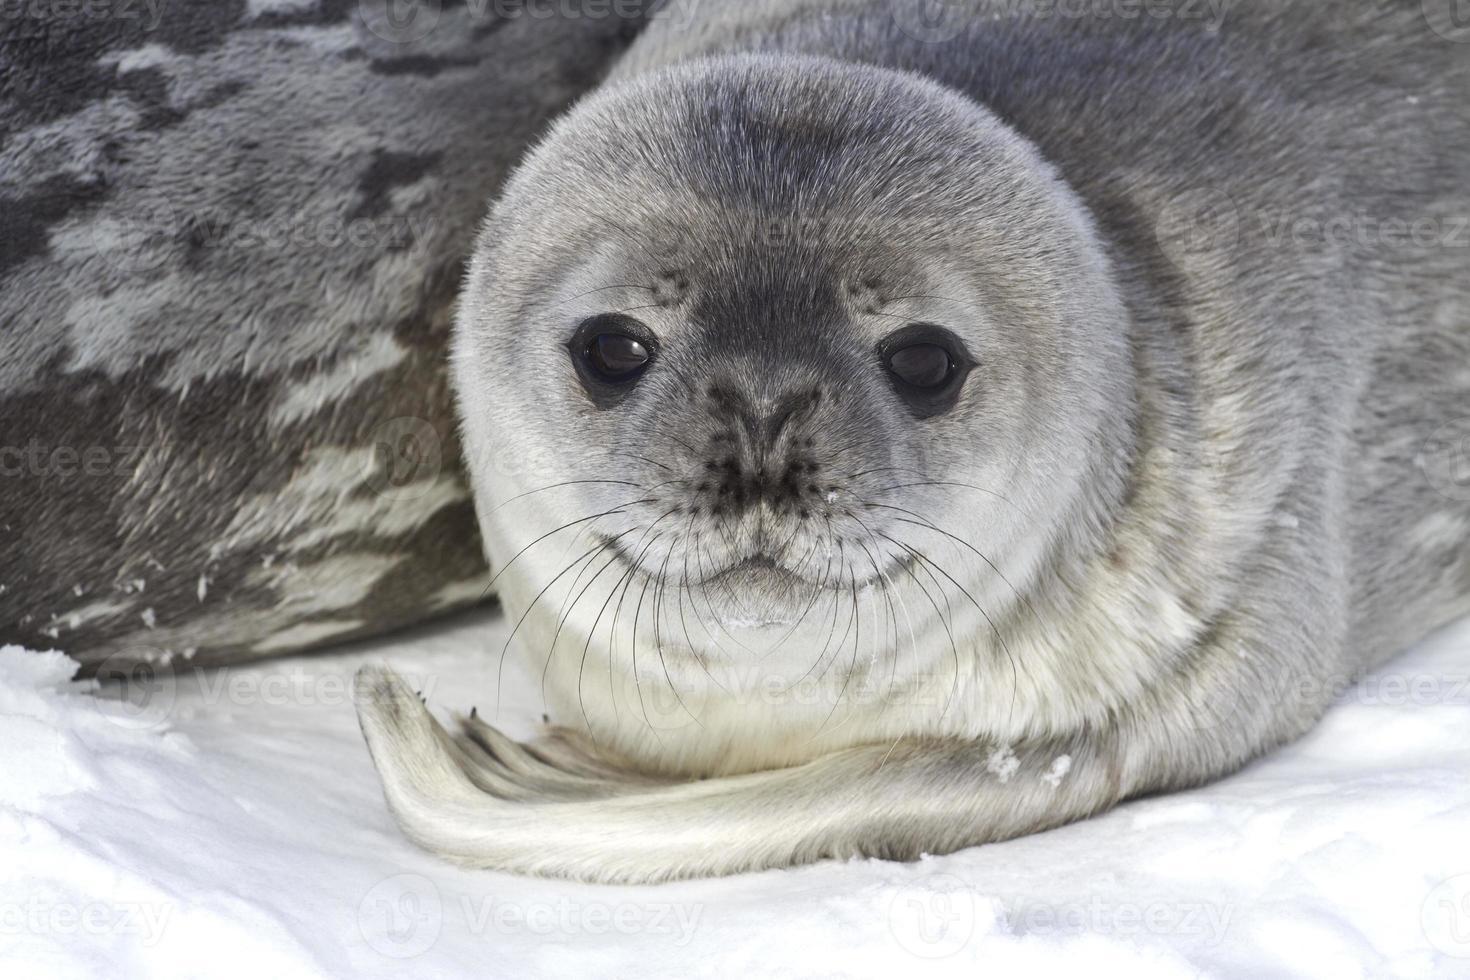 cachorro focas weddell que se encuentra cerca de la hembra foto